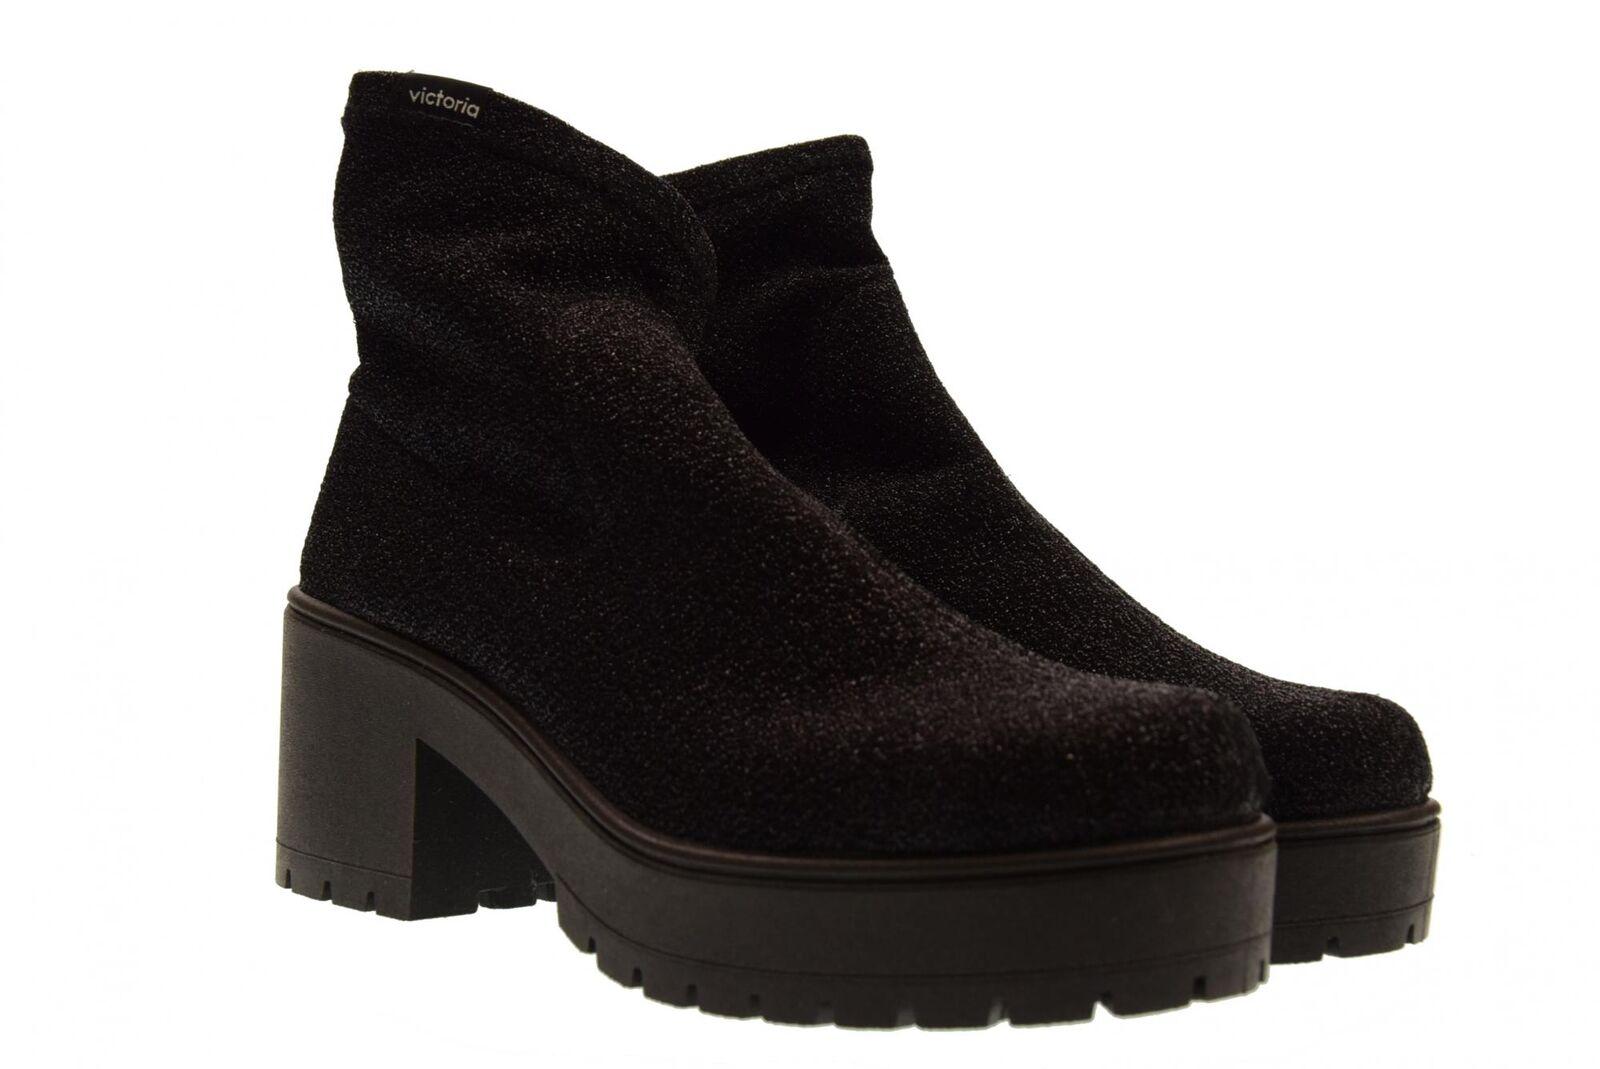 Victoria scarpe donna tronchetti con tacco 095124 A18